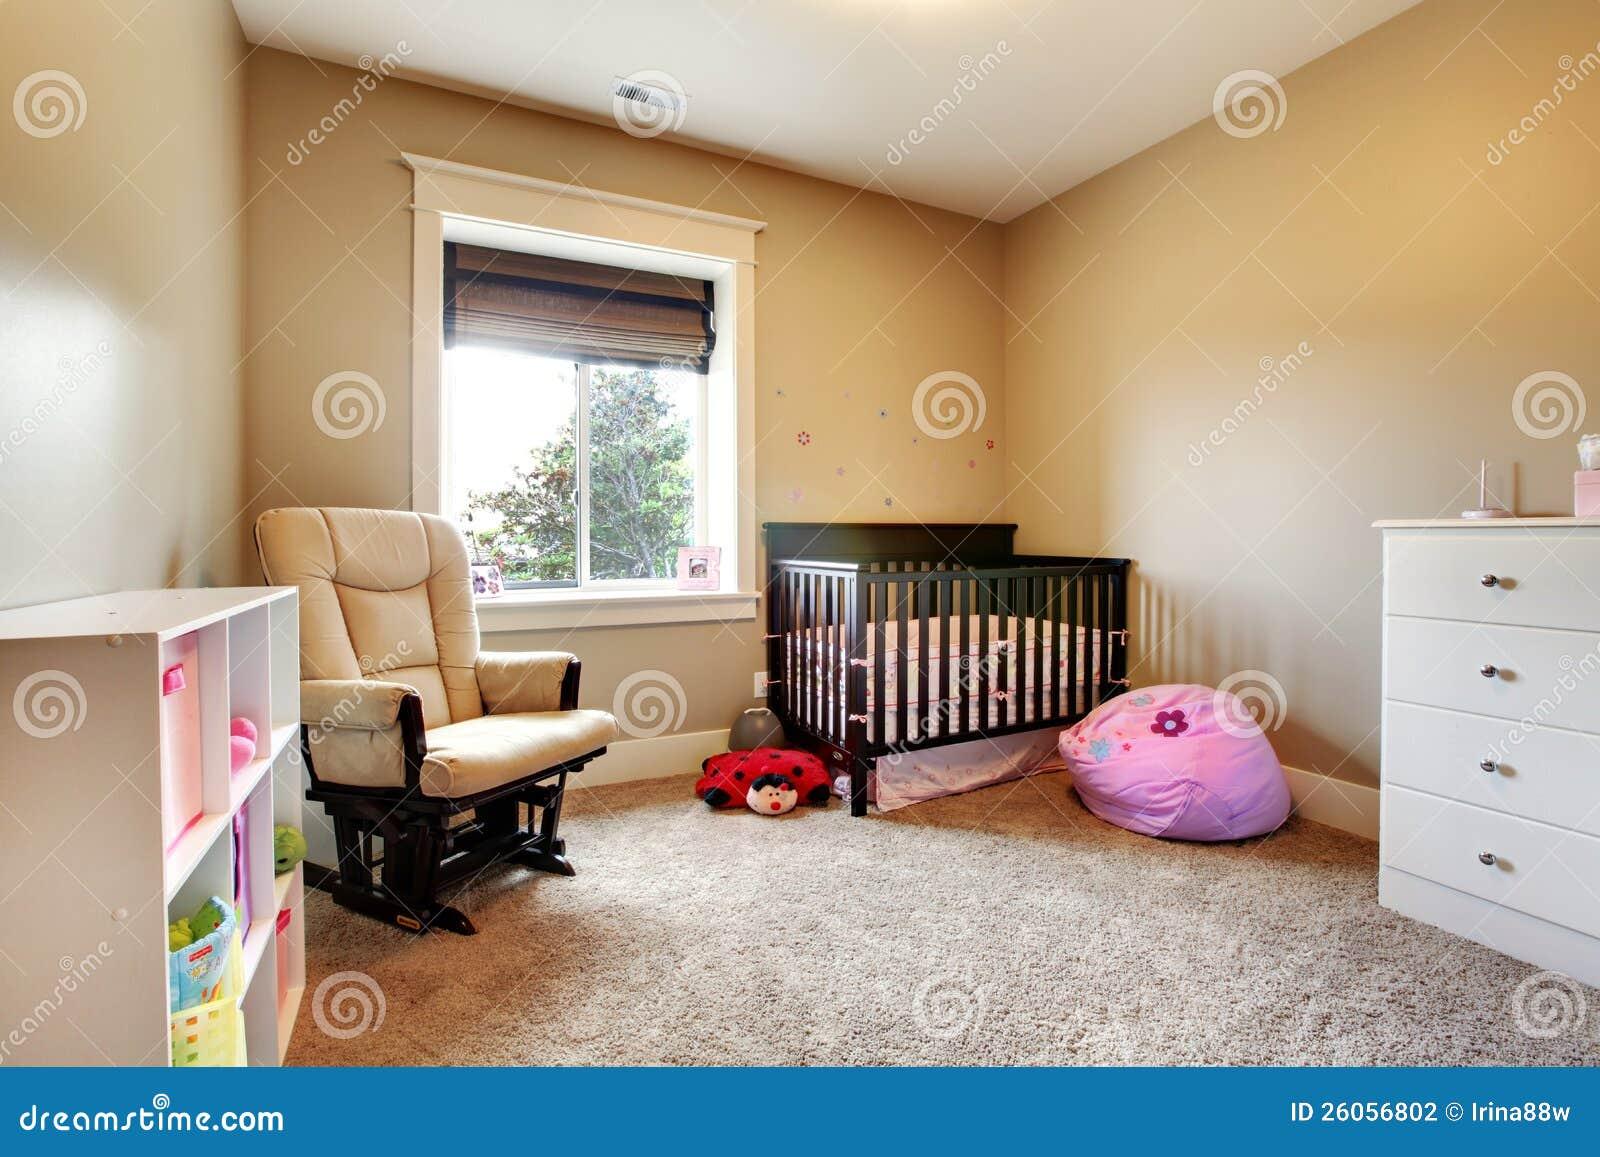 De ruimte van de verzorging voor babymeisje met bruine houten voederbak.